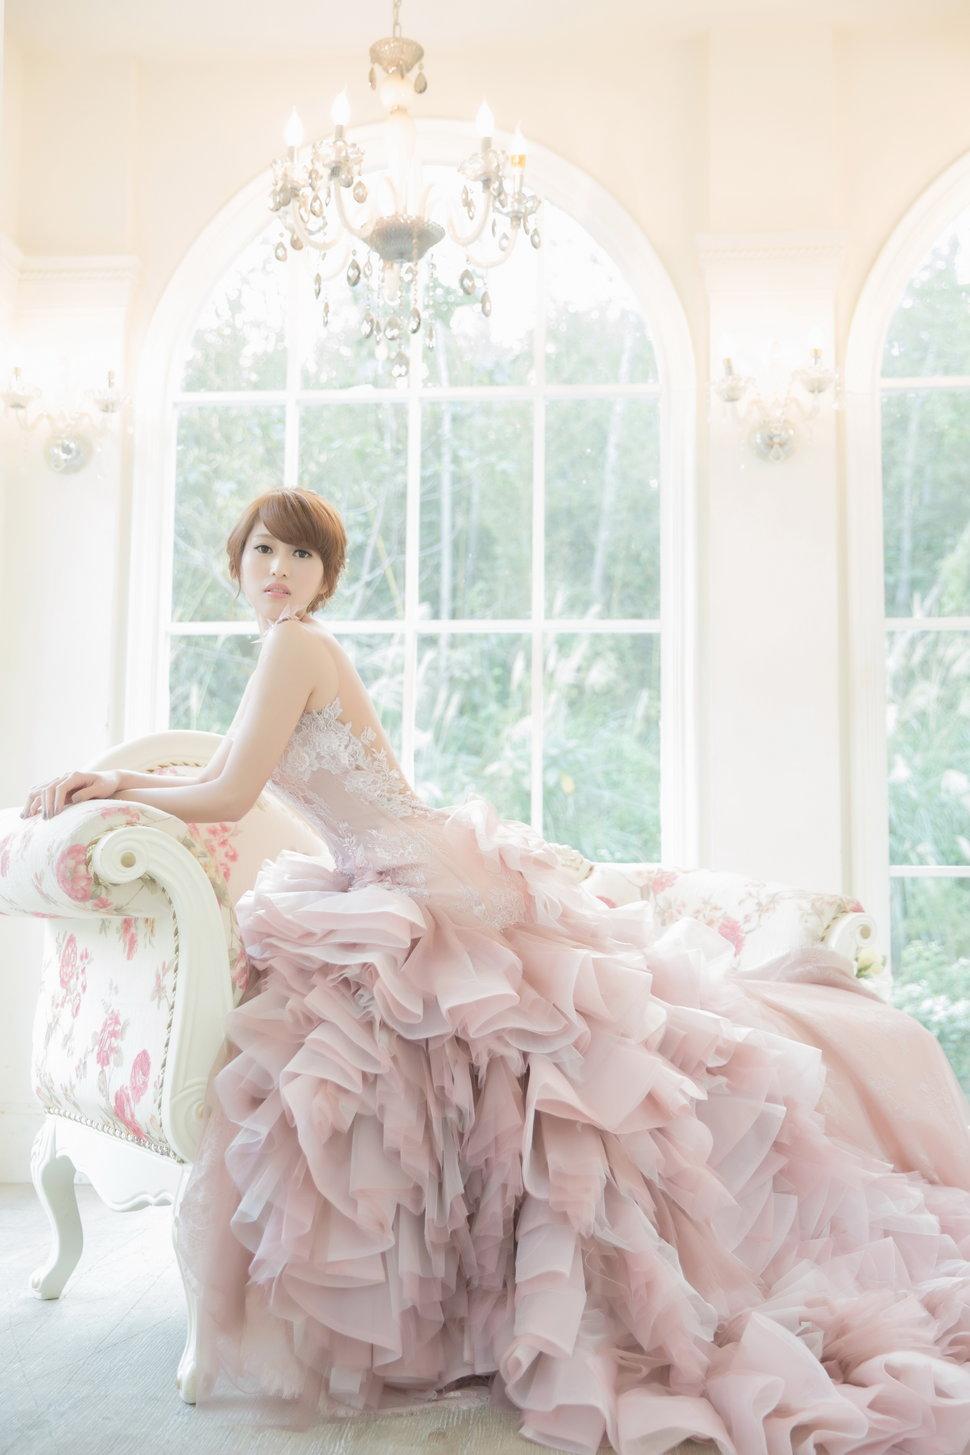 希臘婚禮 婚紗 攝影 手工婚紗禮服 超美(編號:377114) - 希臘婚禮  婚紗  攝影 - 結婚吧一站式婚禮服務平台